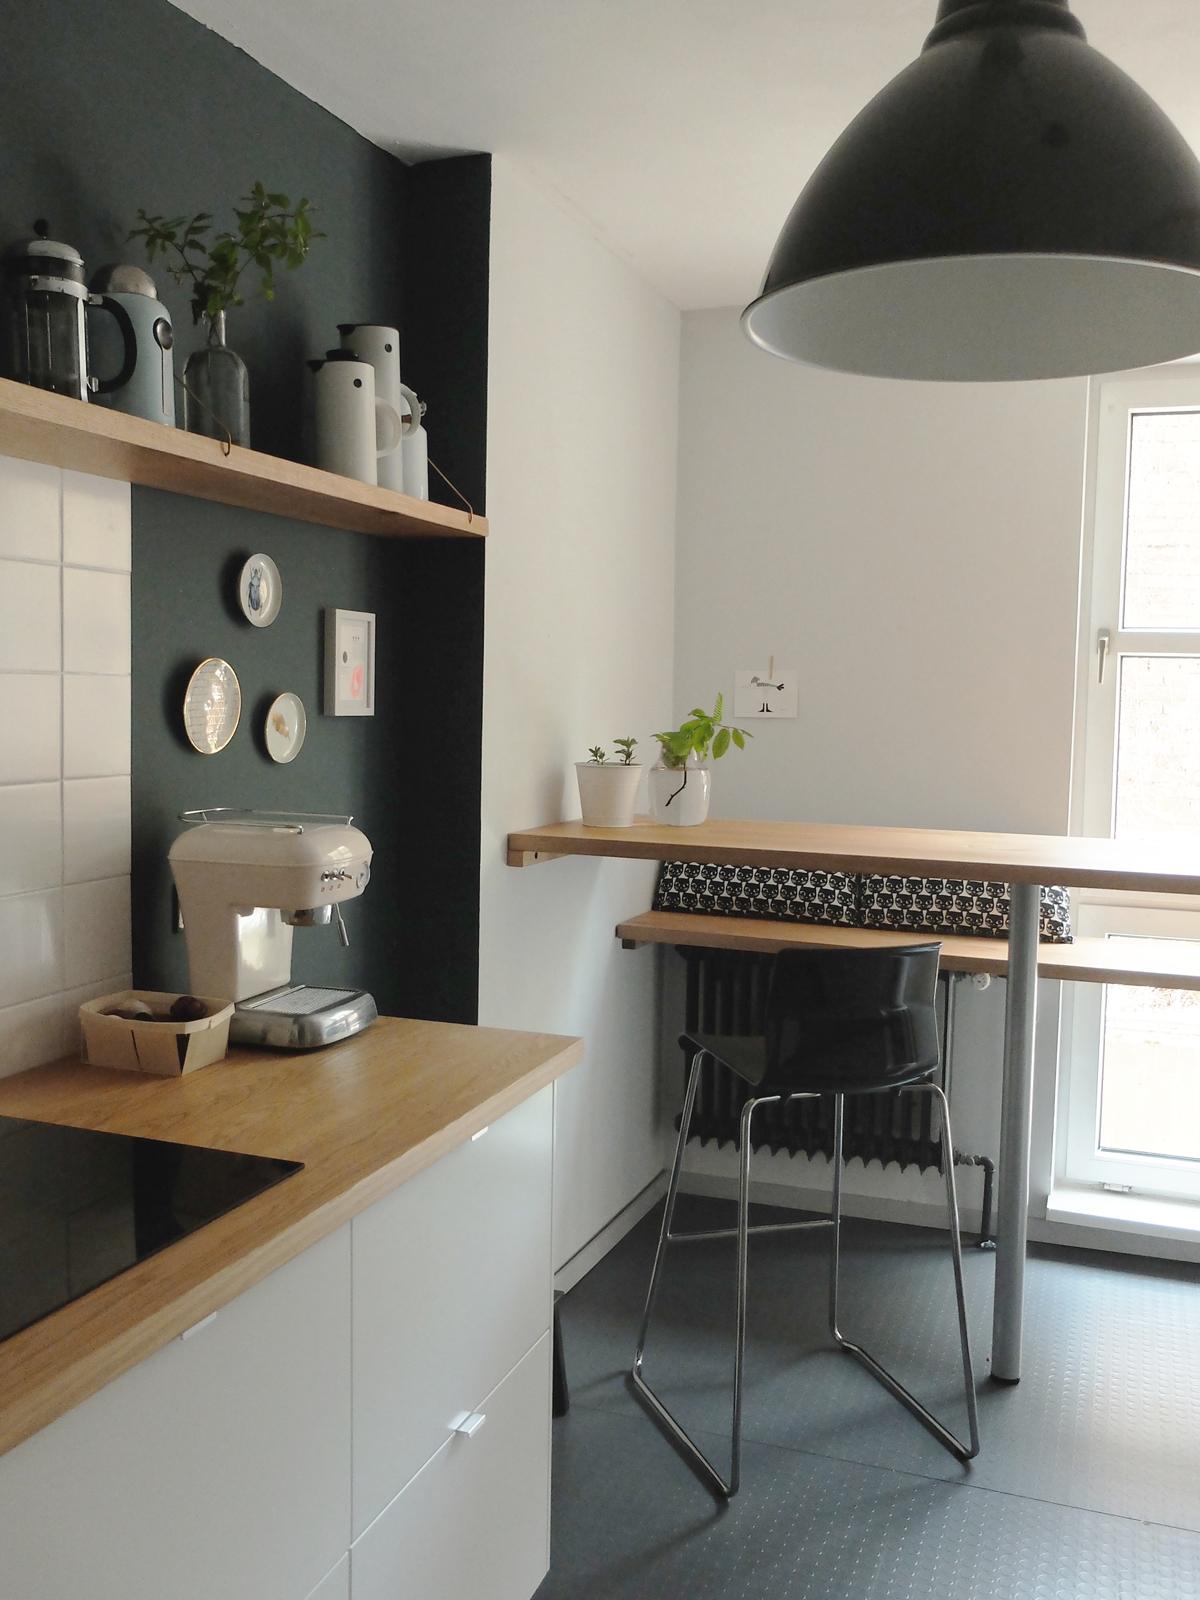 Full Size of Büroküche Lüftungsgitter Küche Hängeregal Mit Geräten Selber Planen Gewinnen Ausstellungsküche Pendelleuchten Kaufen Elektrogeräten Eckunterschrank Wohnzimmer Weiße Küche Wandfarbe